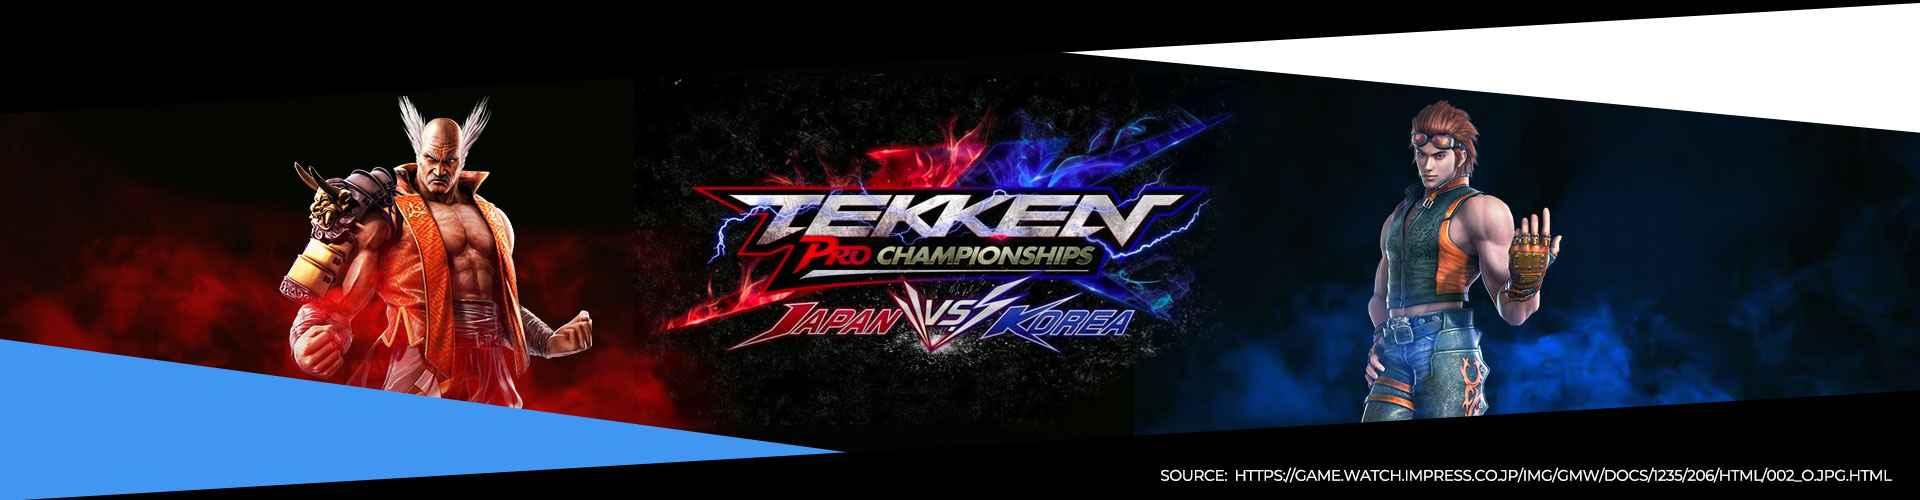 鉄拳プロチャンピオンシップ 日韓対抗戦2020